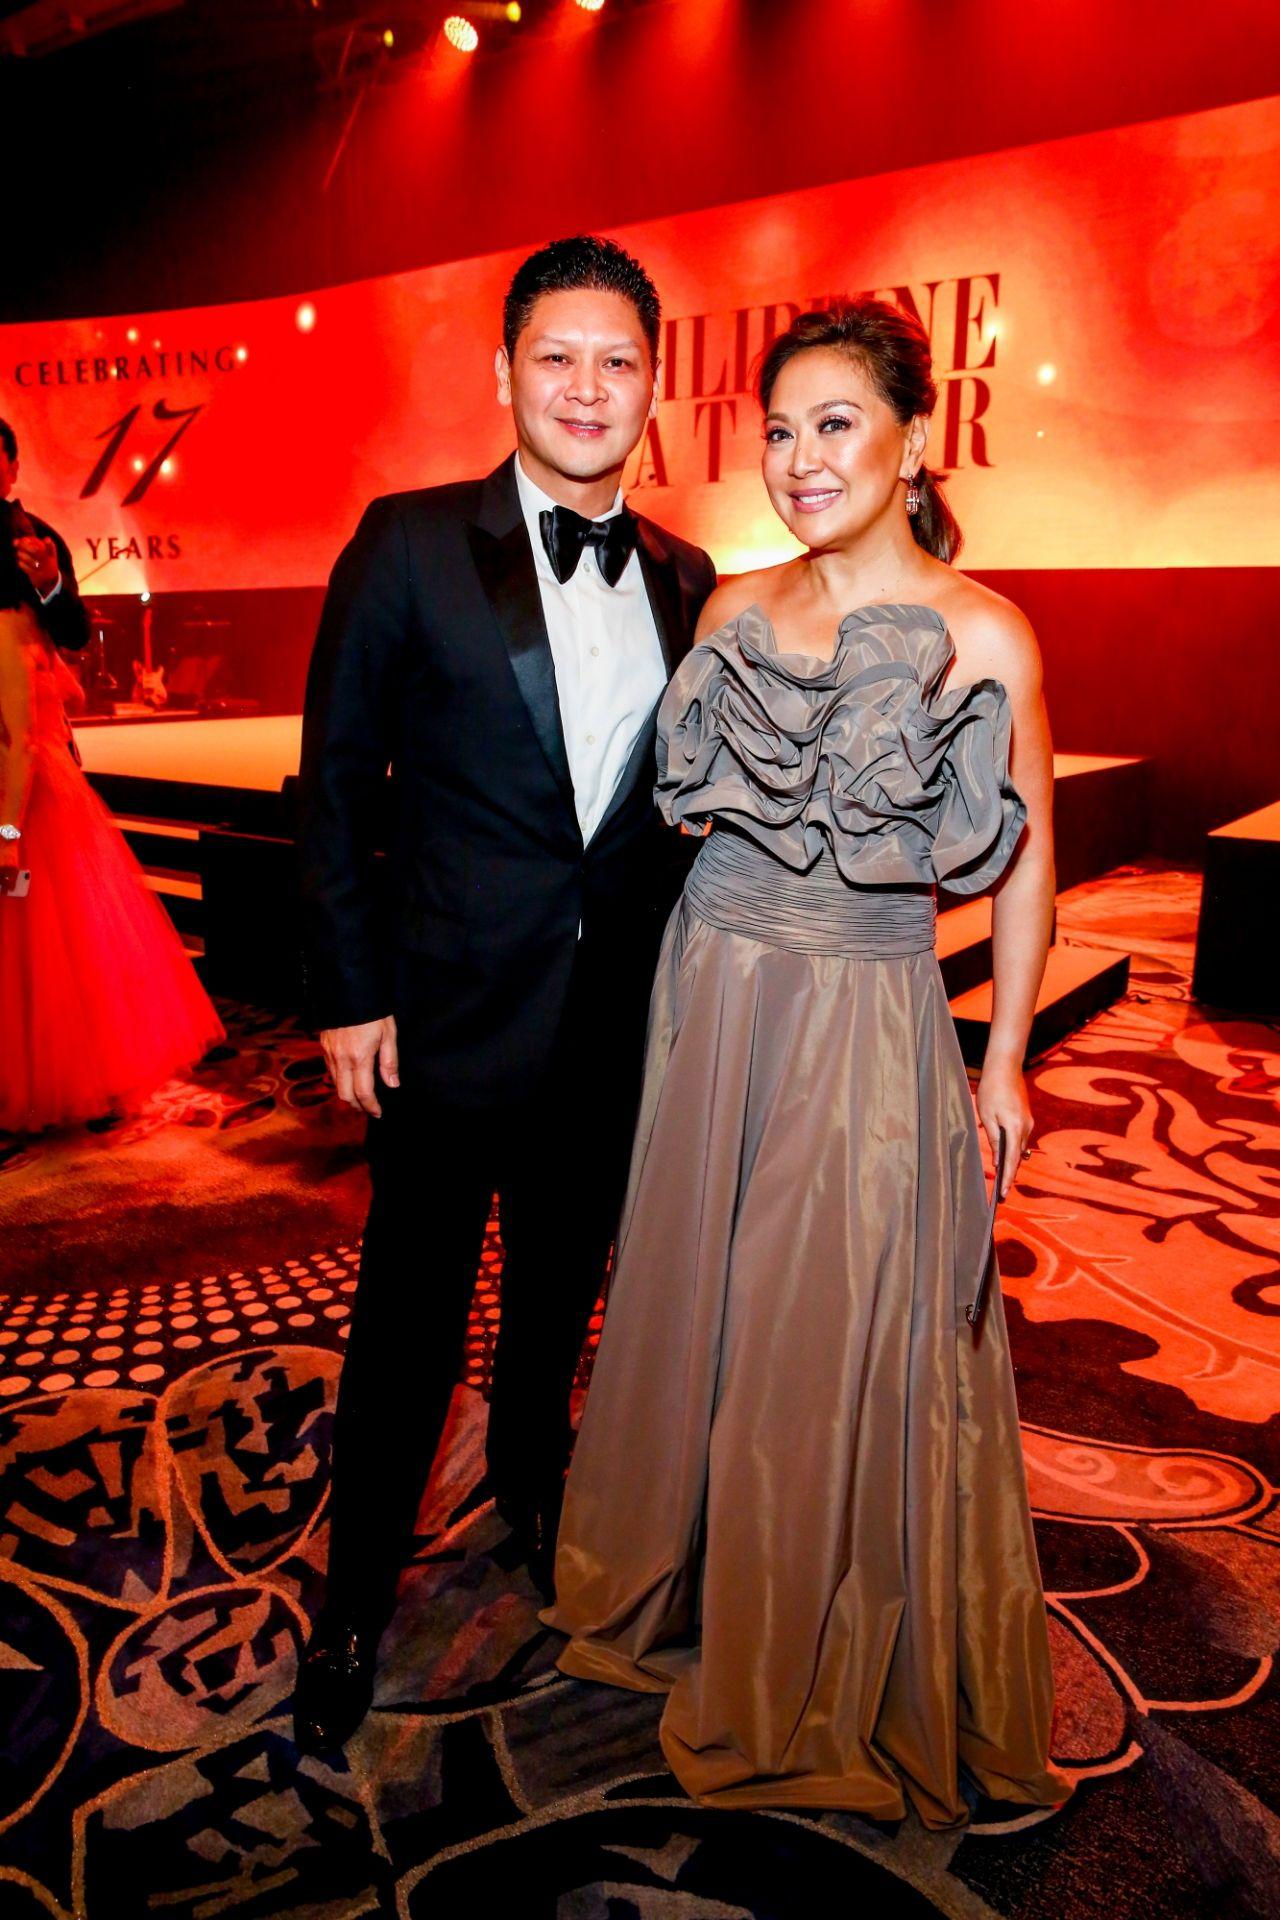 Anton San Diego and Karen Davila